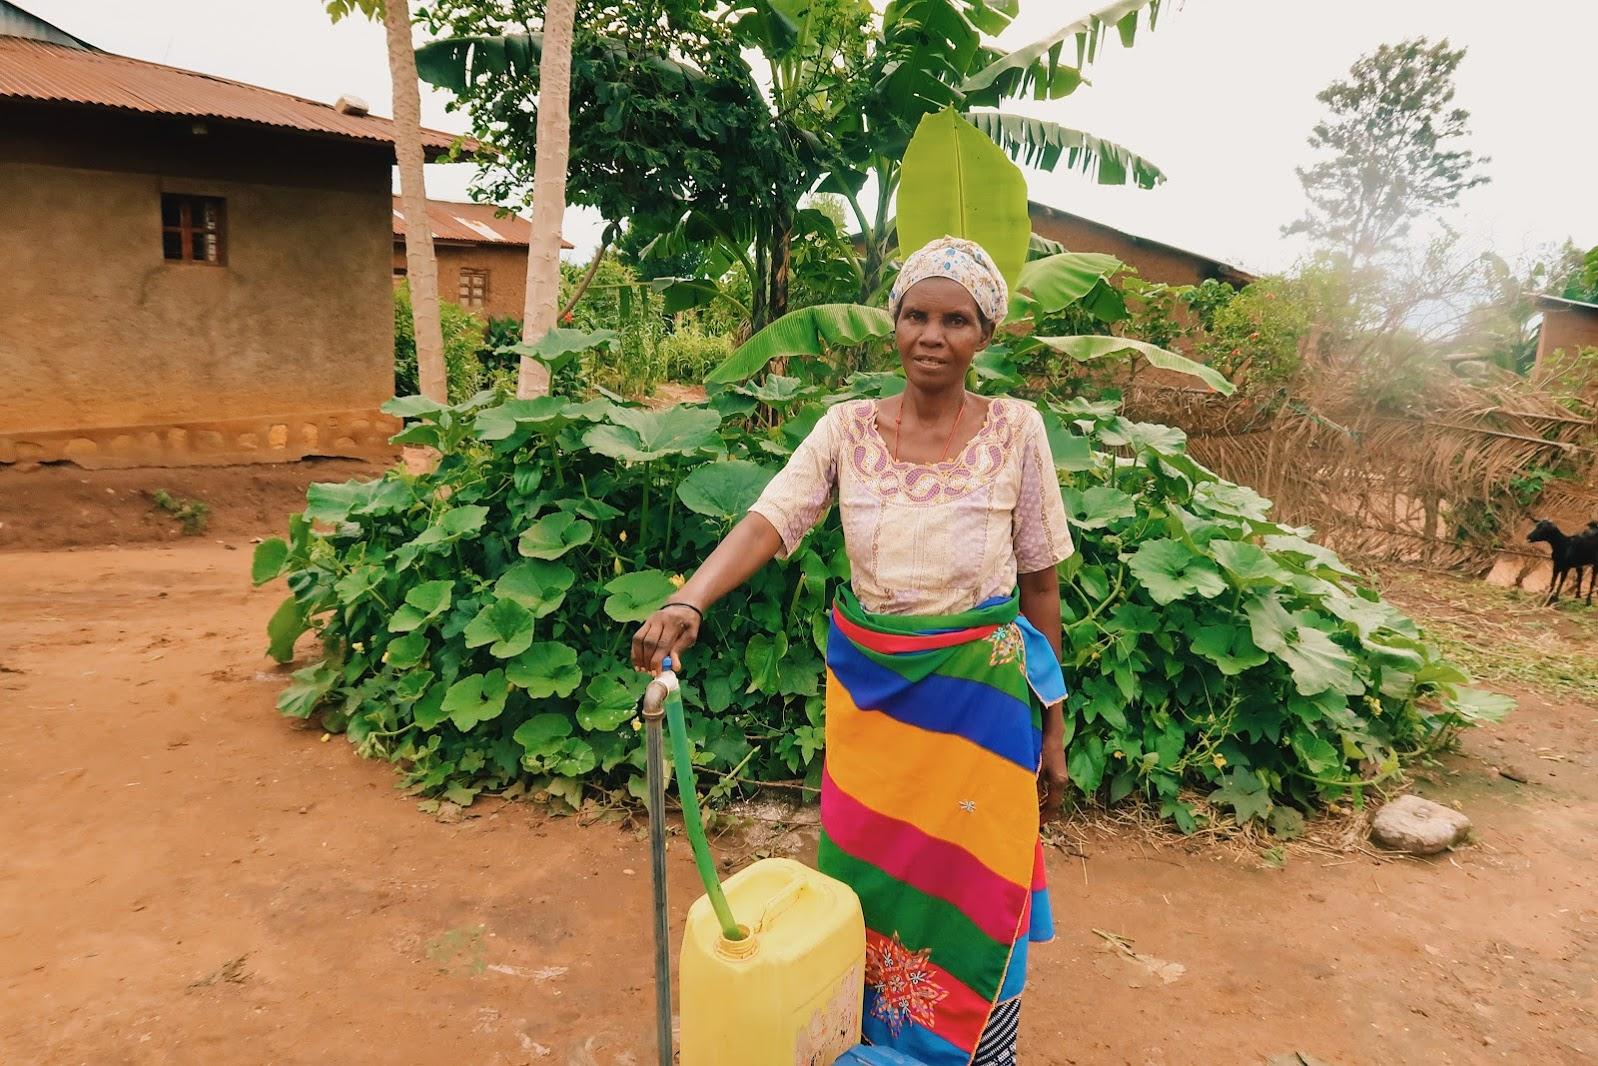 Yahira Gets Water in Burundi